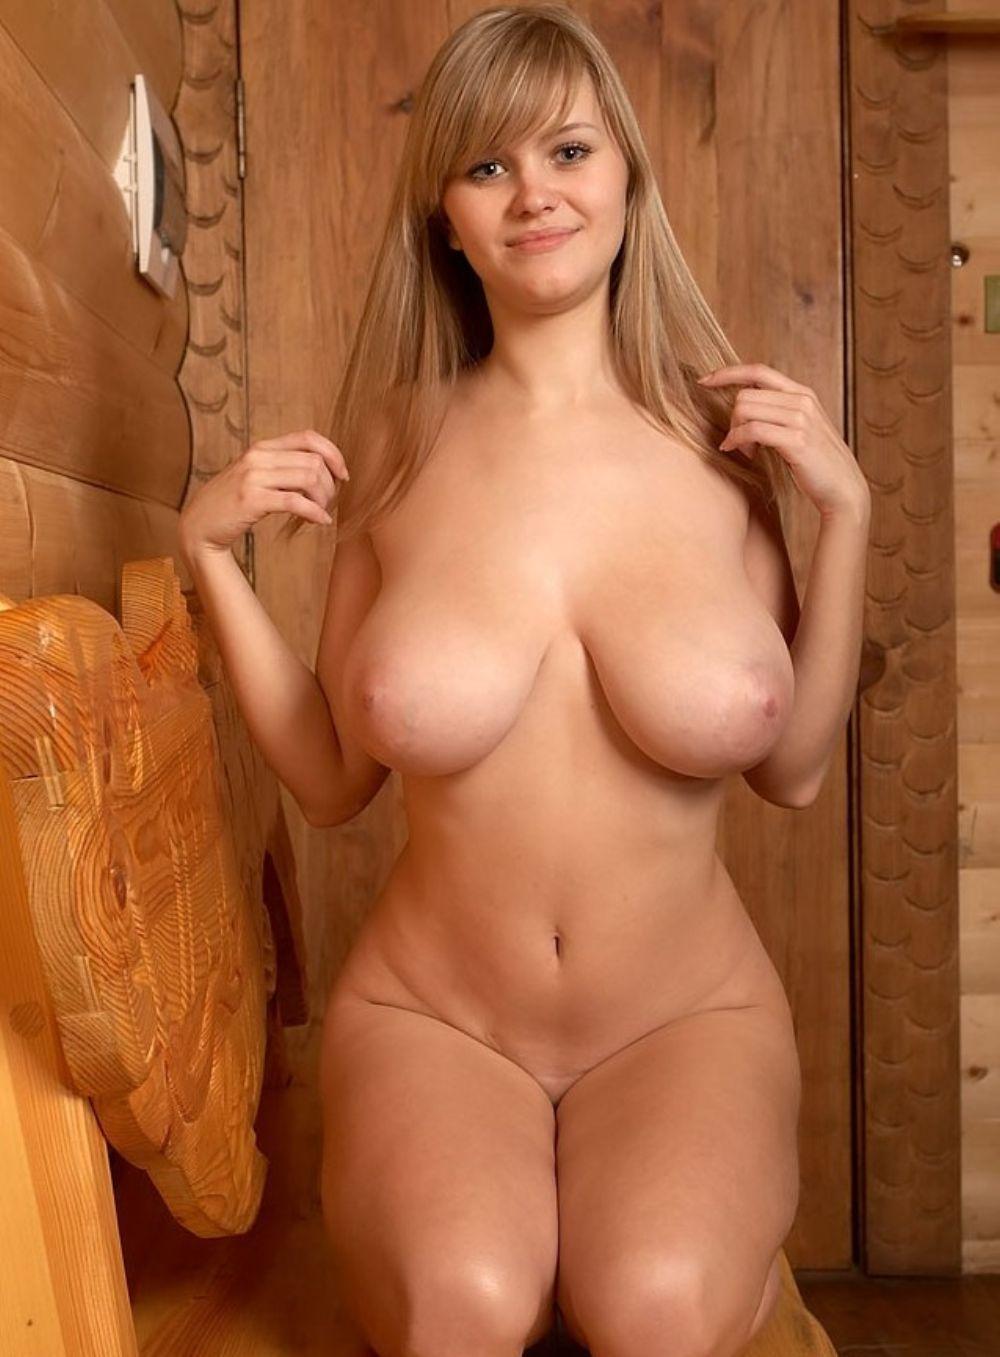 Самые красивые русские девушки секс 10 фотография